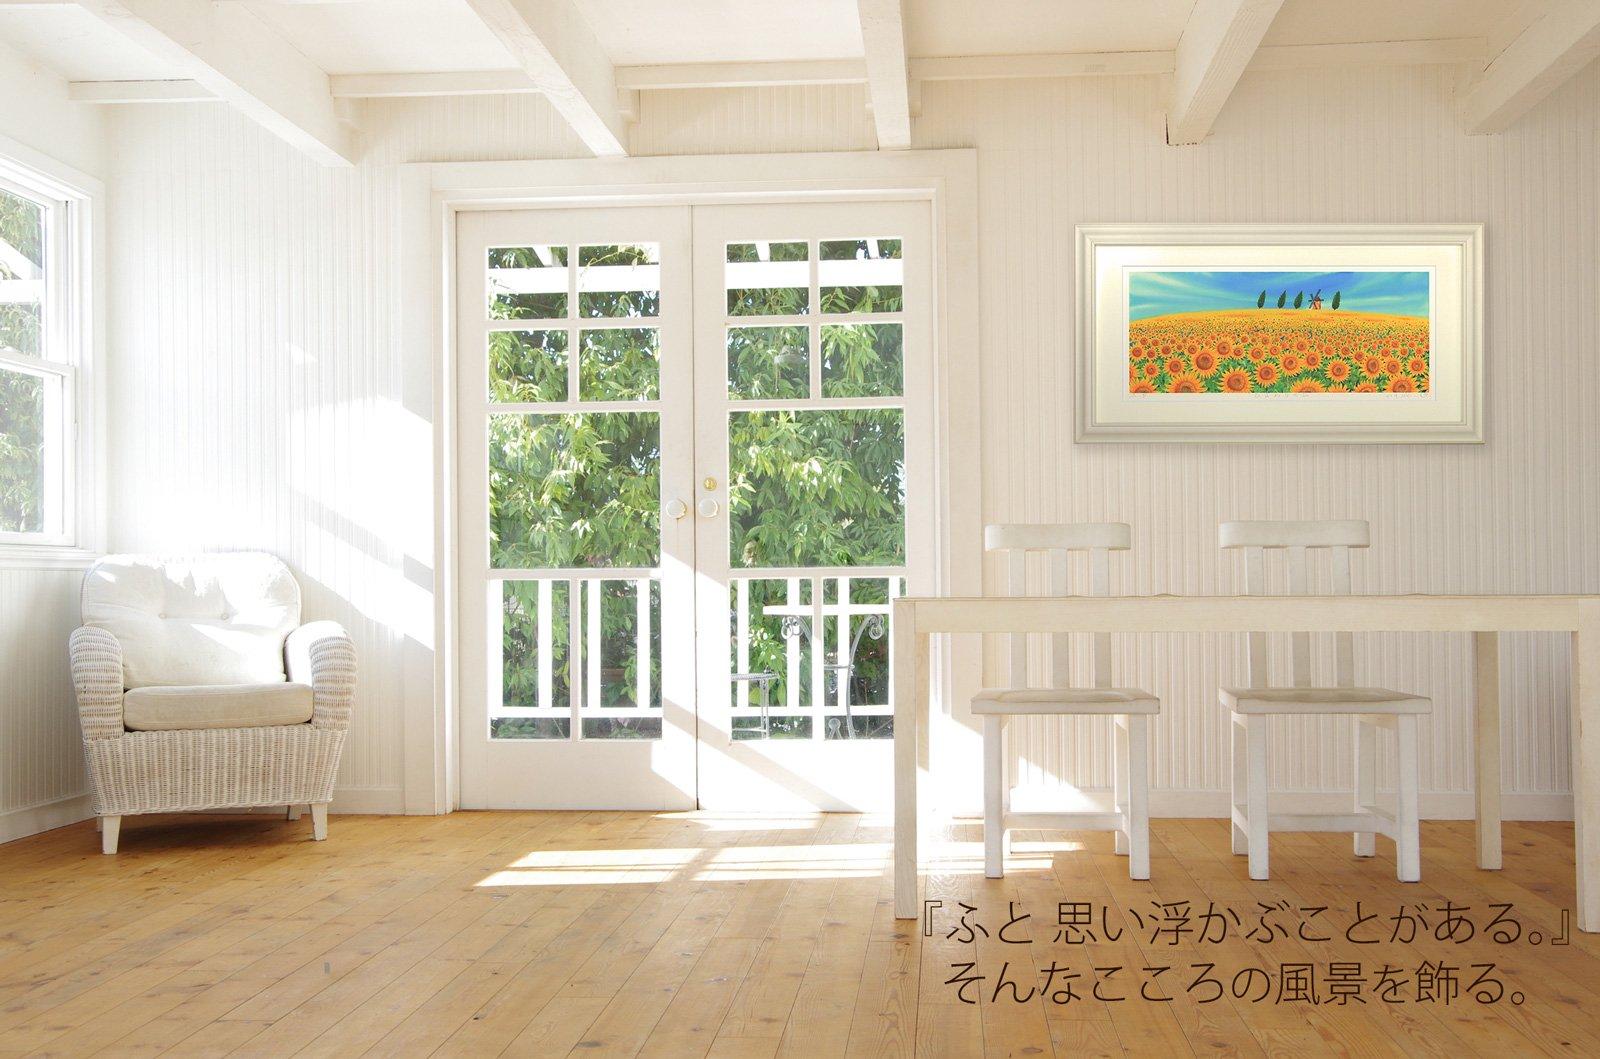 《絵画 水彩画》菜の花畑3〔栗乃木ハルミ くりのきはるみ 〕